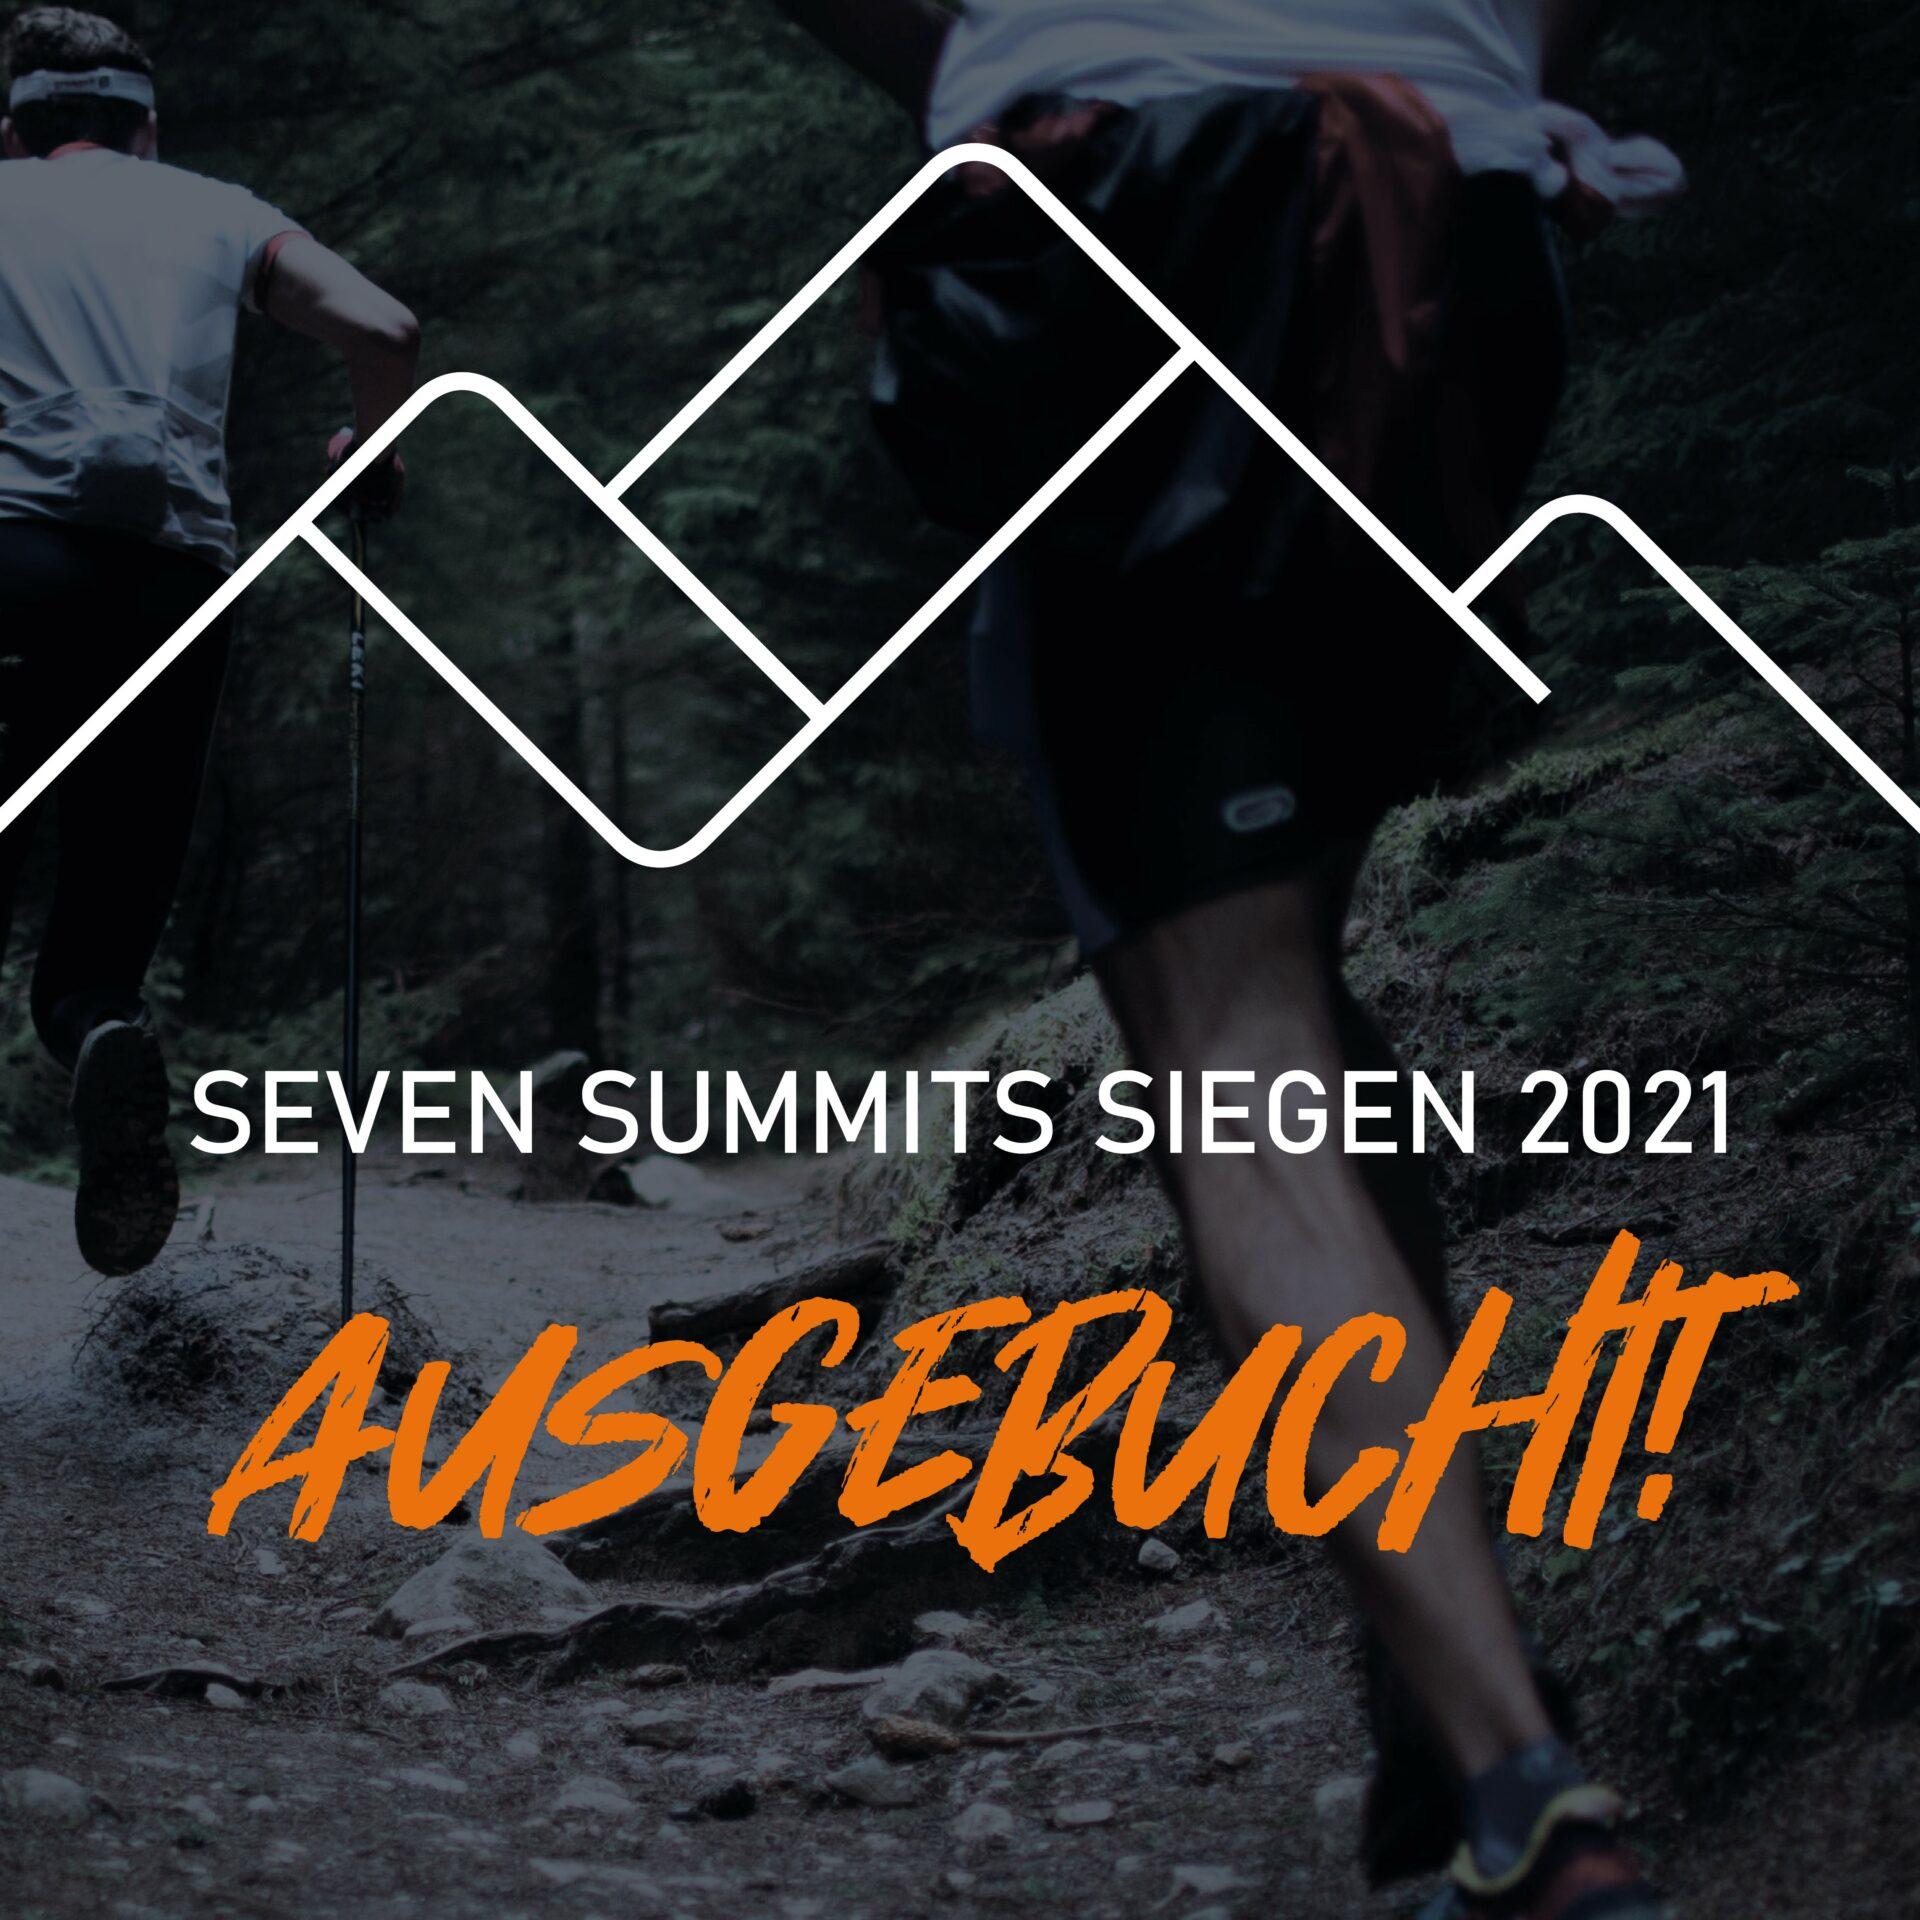 SEVEN SUMMITS SIEGEN 2021 ausgebucht!